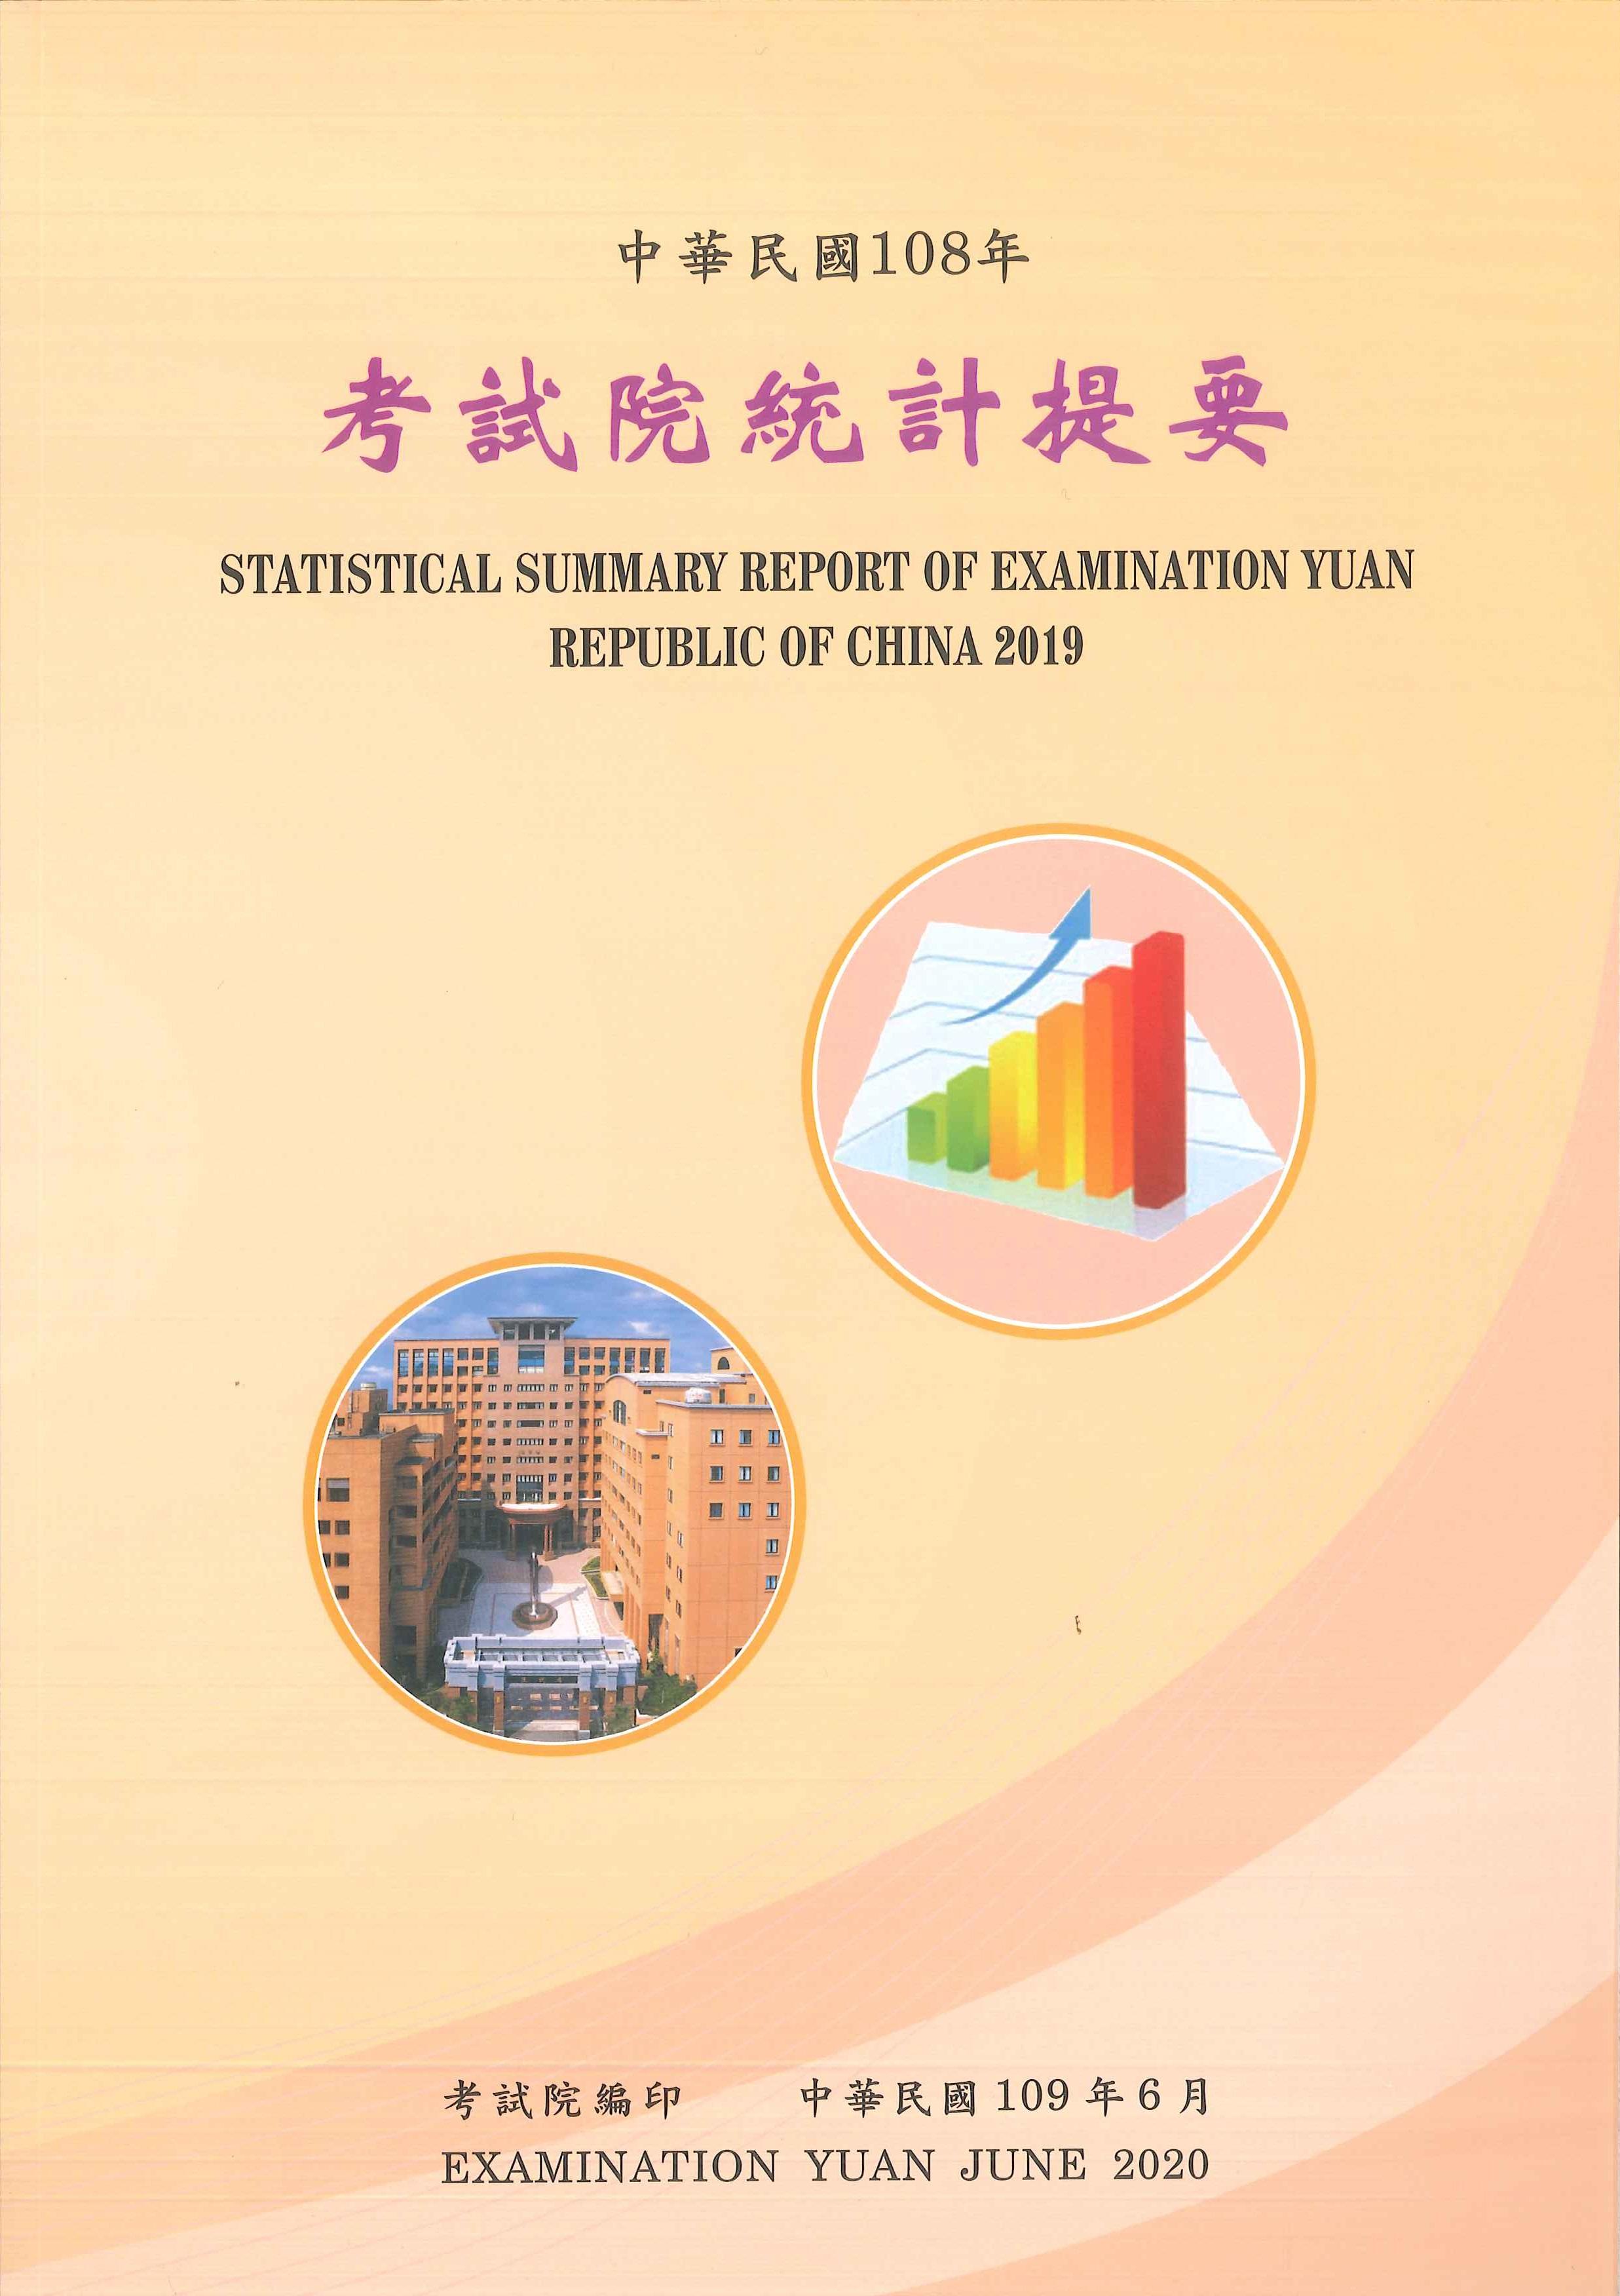 考試院統計提要=Statistical summary report of Examination Yuan